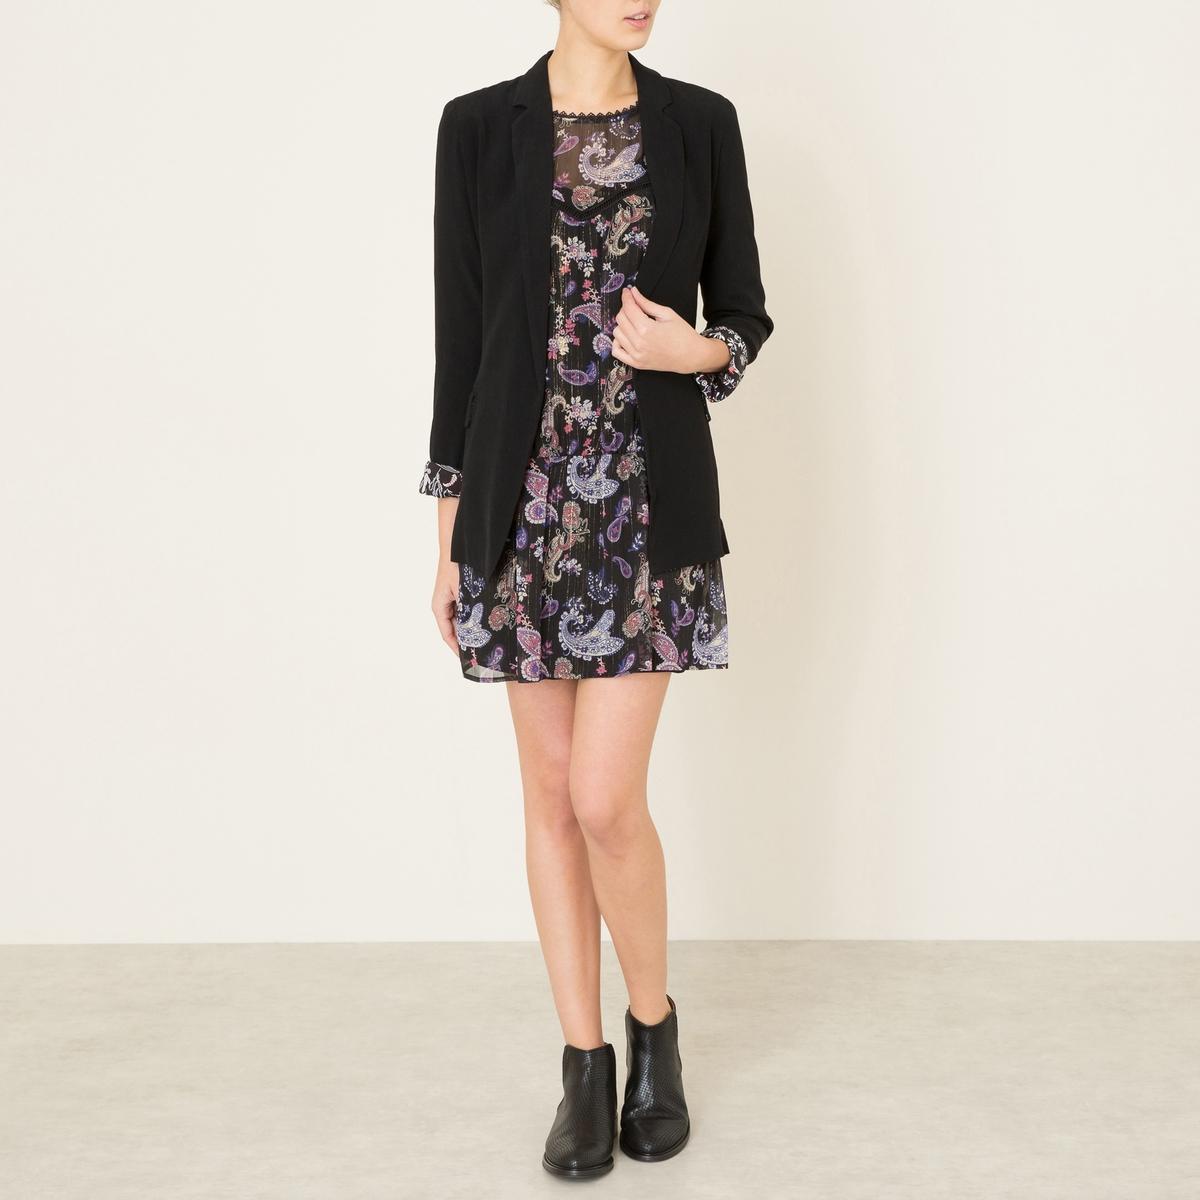 Платье OCTANСостав и описание :Материал : 100% полиэстерПодкладка 100% вискозаДлина : 85 см. (для размера 36)Марка : BERENICE<br><br>Цвет: черный<br>Размер: 42 (FR) - 48 (RUS)